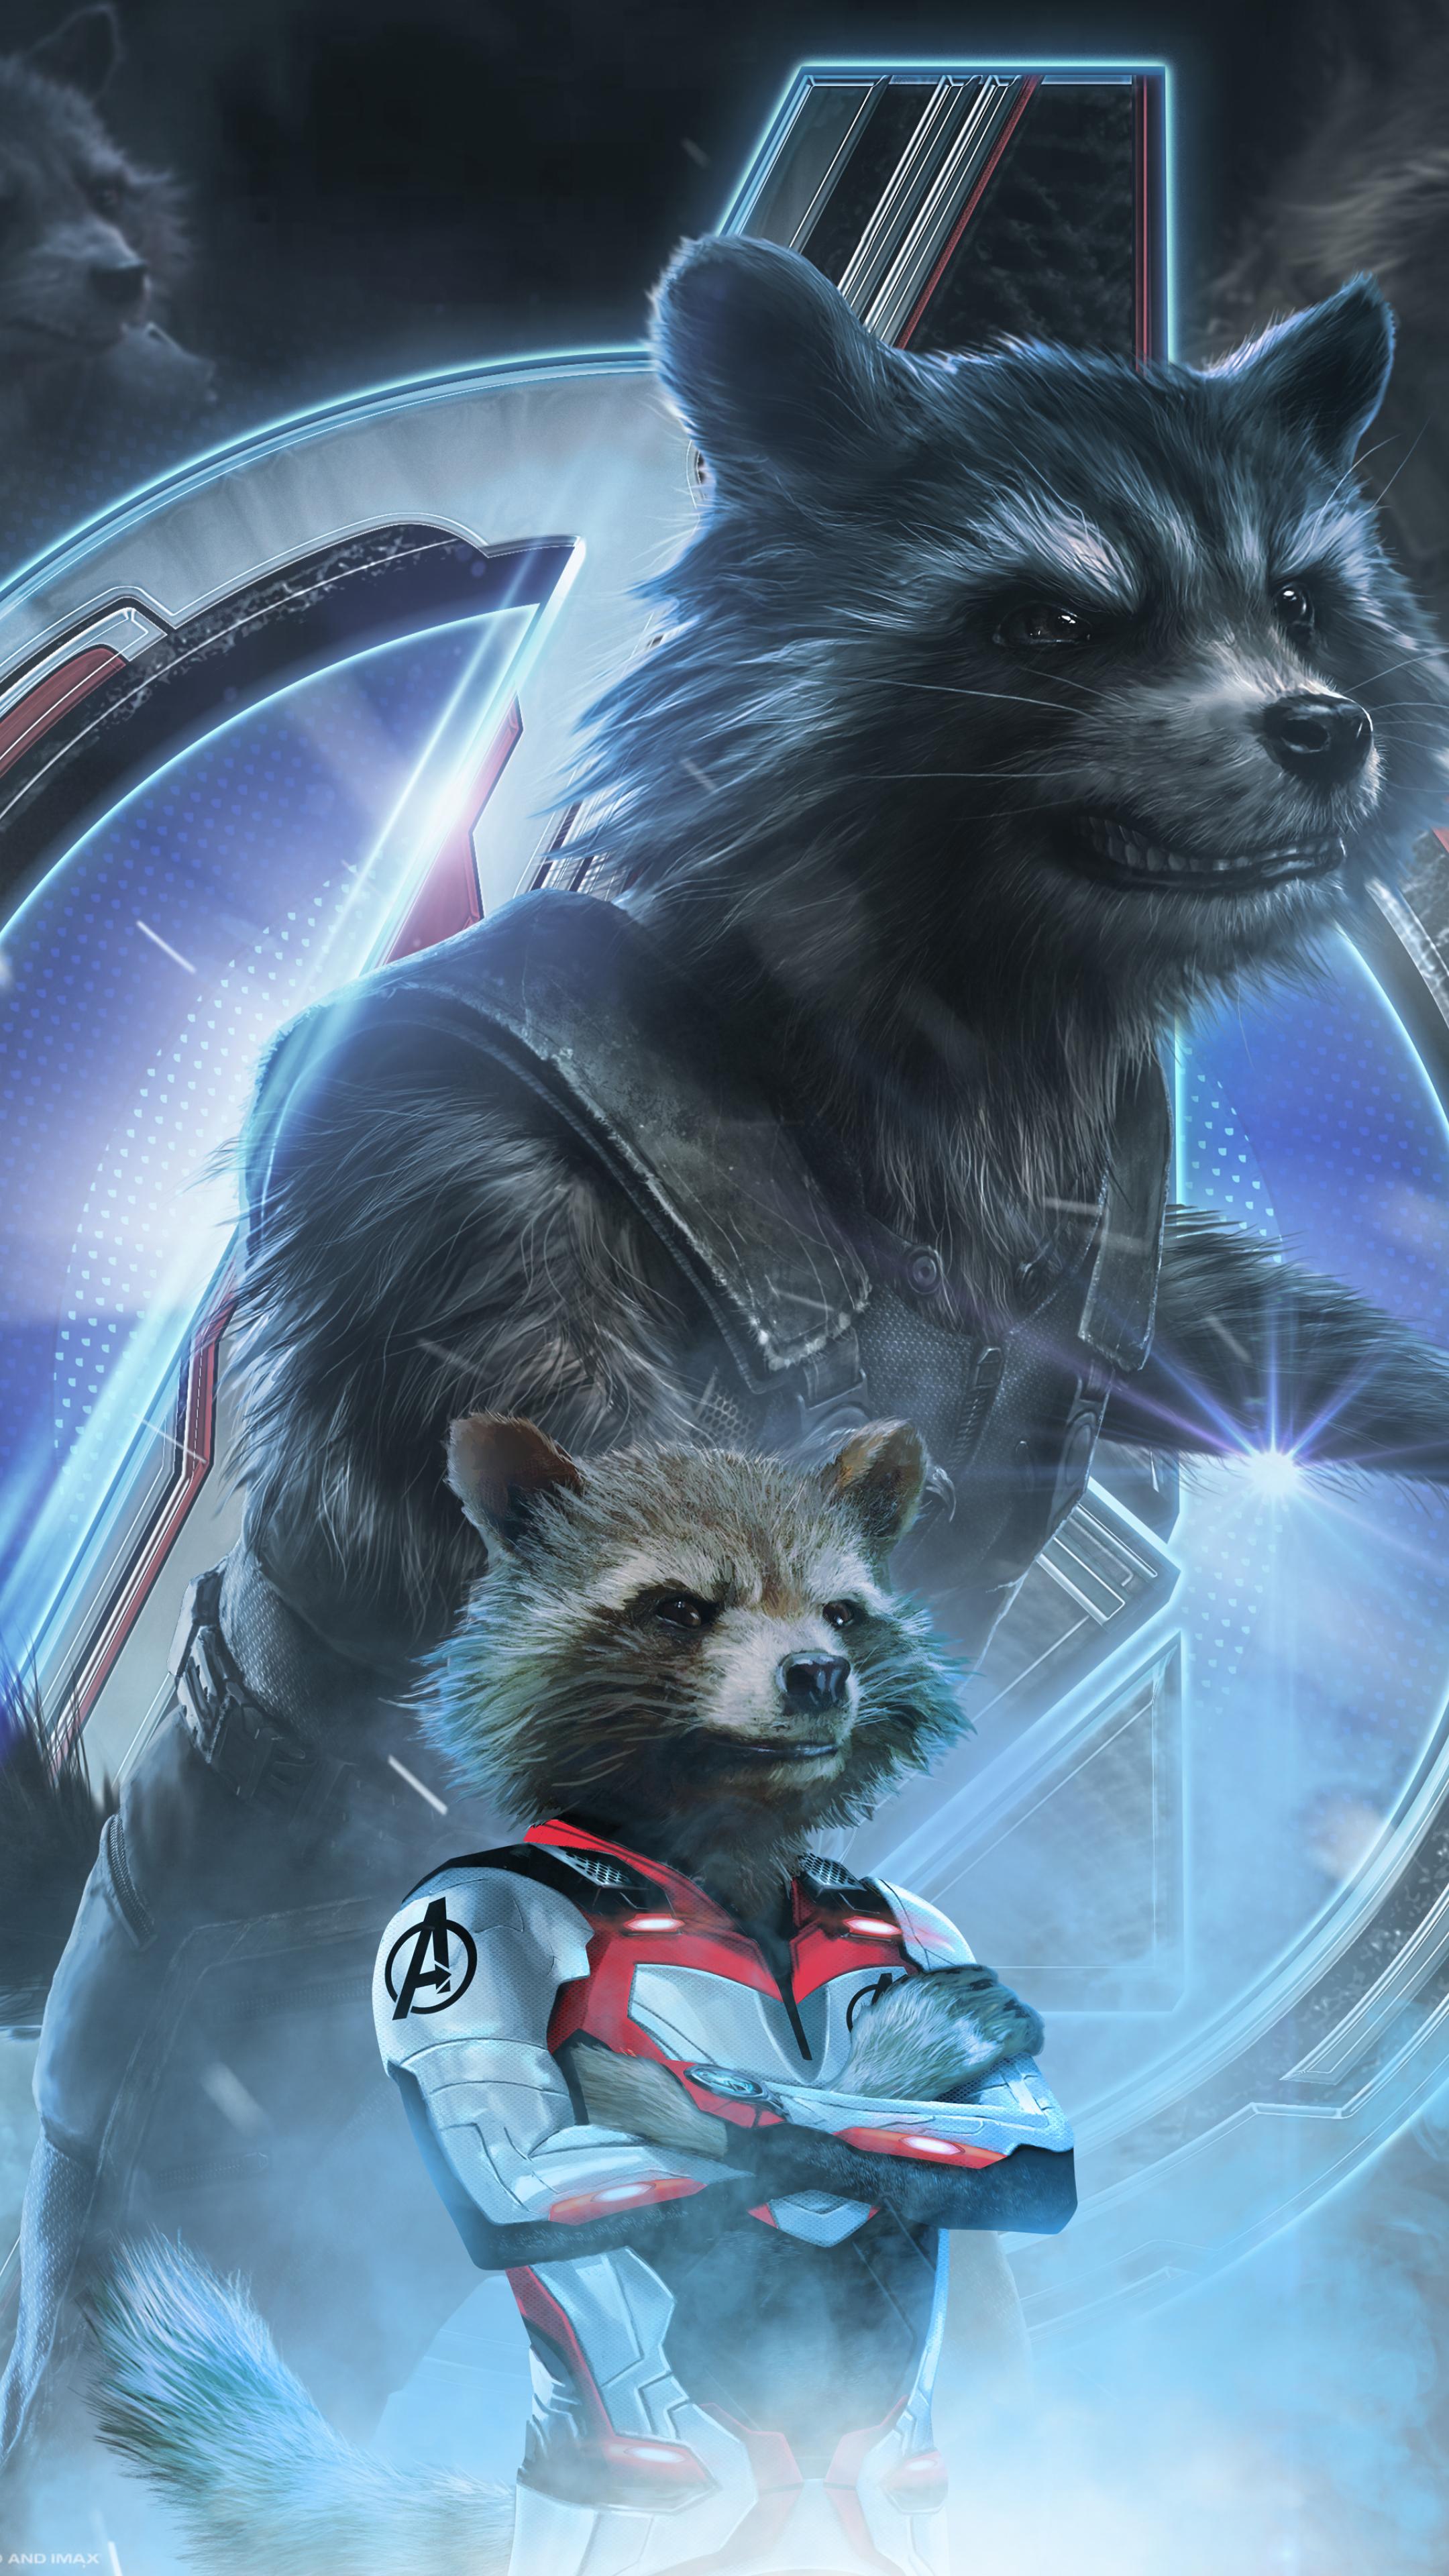 2160x3840 Avengers Endgame Rocket Raccoon Poster Art Sony Xperia X